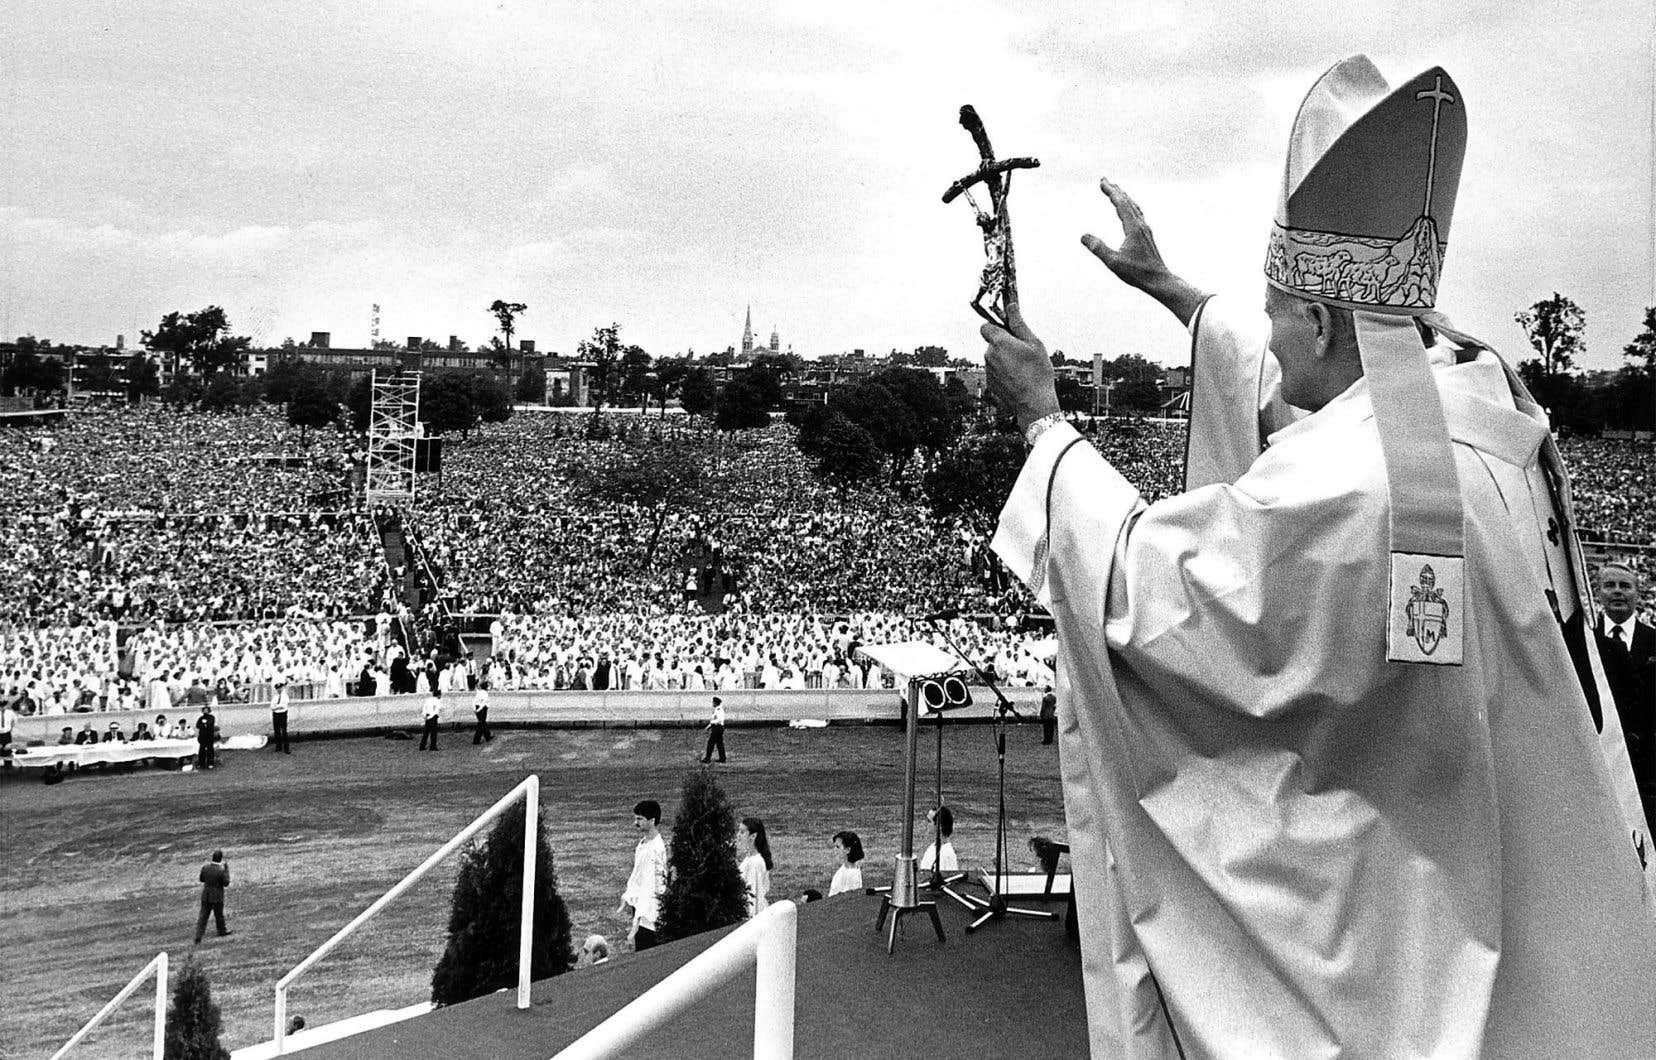 Le maire Jean Drapeau avait alors décidé de changer le nom du parc Jarry pour le rebaptiser «parc Jean-Paul II», ce qui fut fait en 1985.